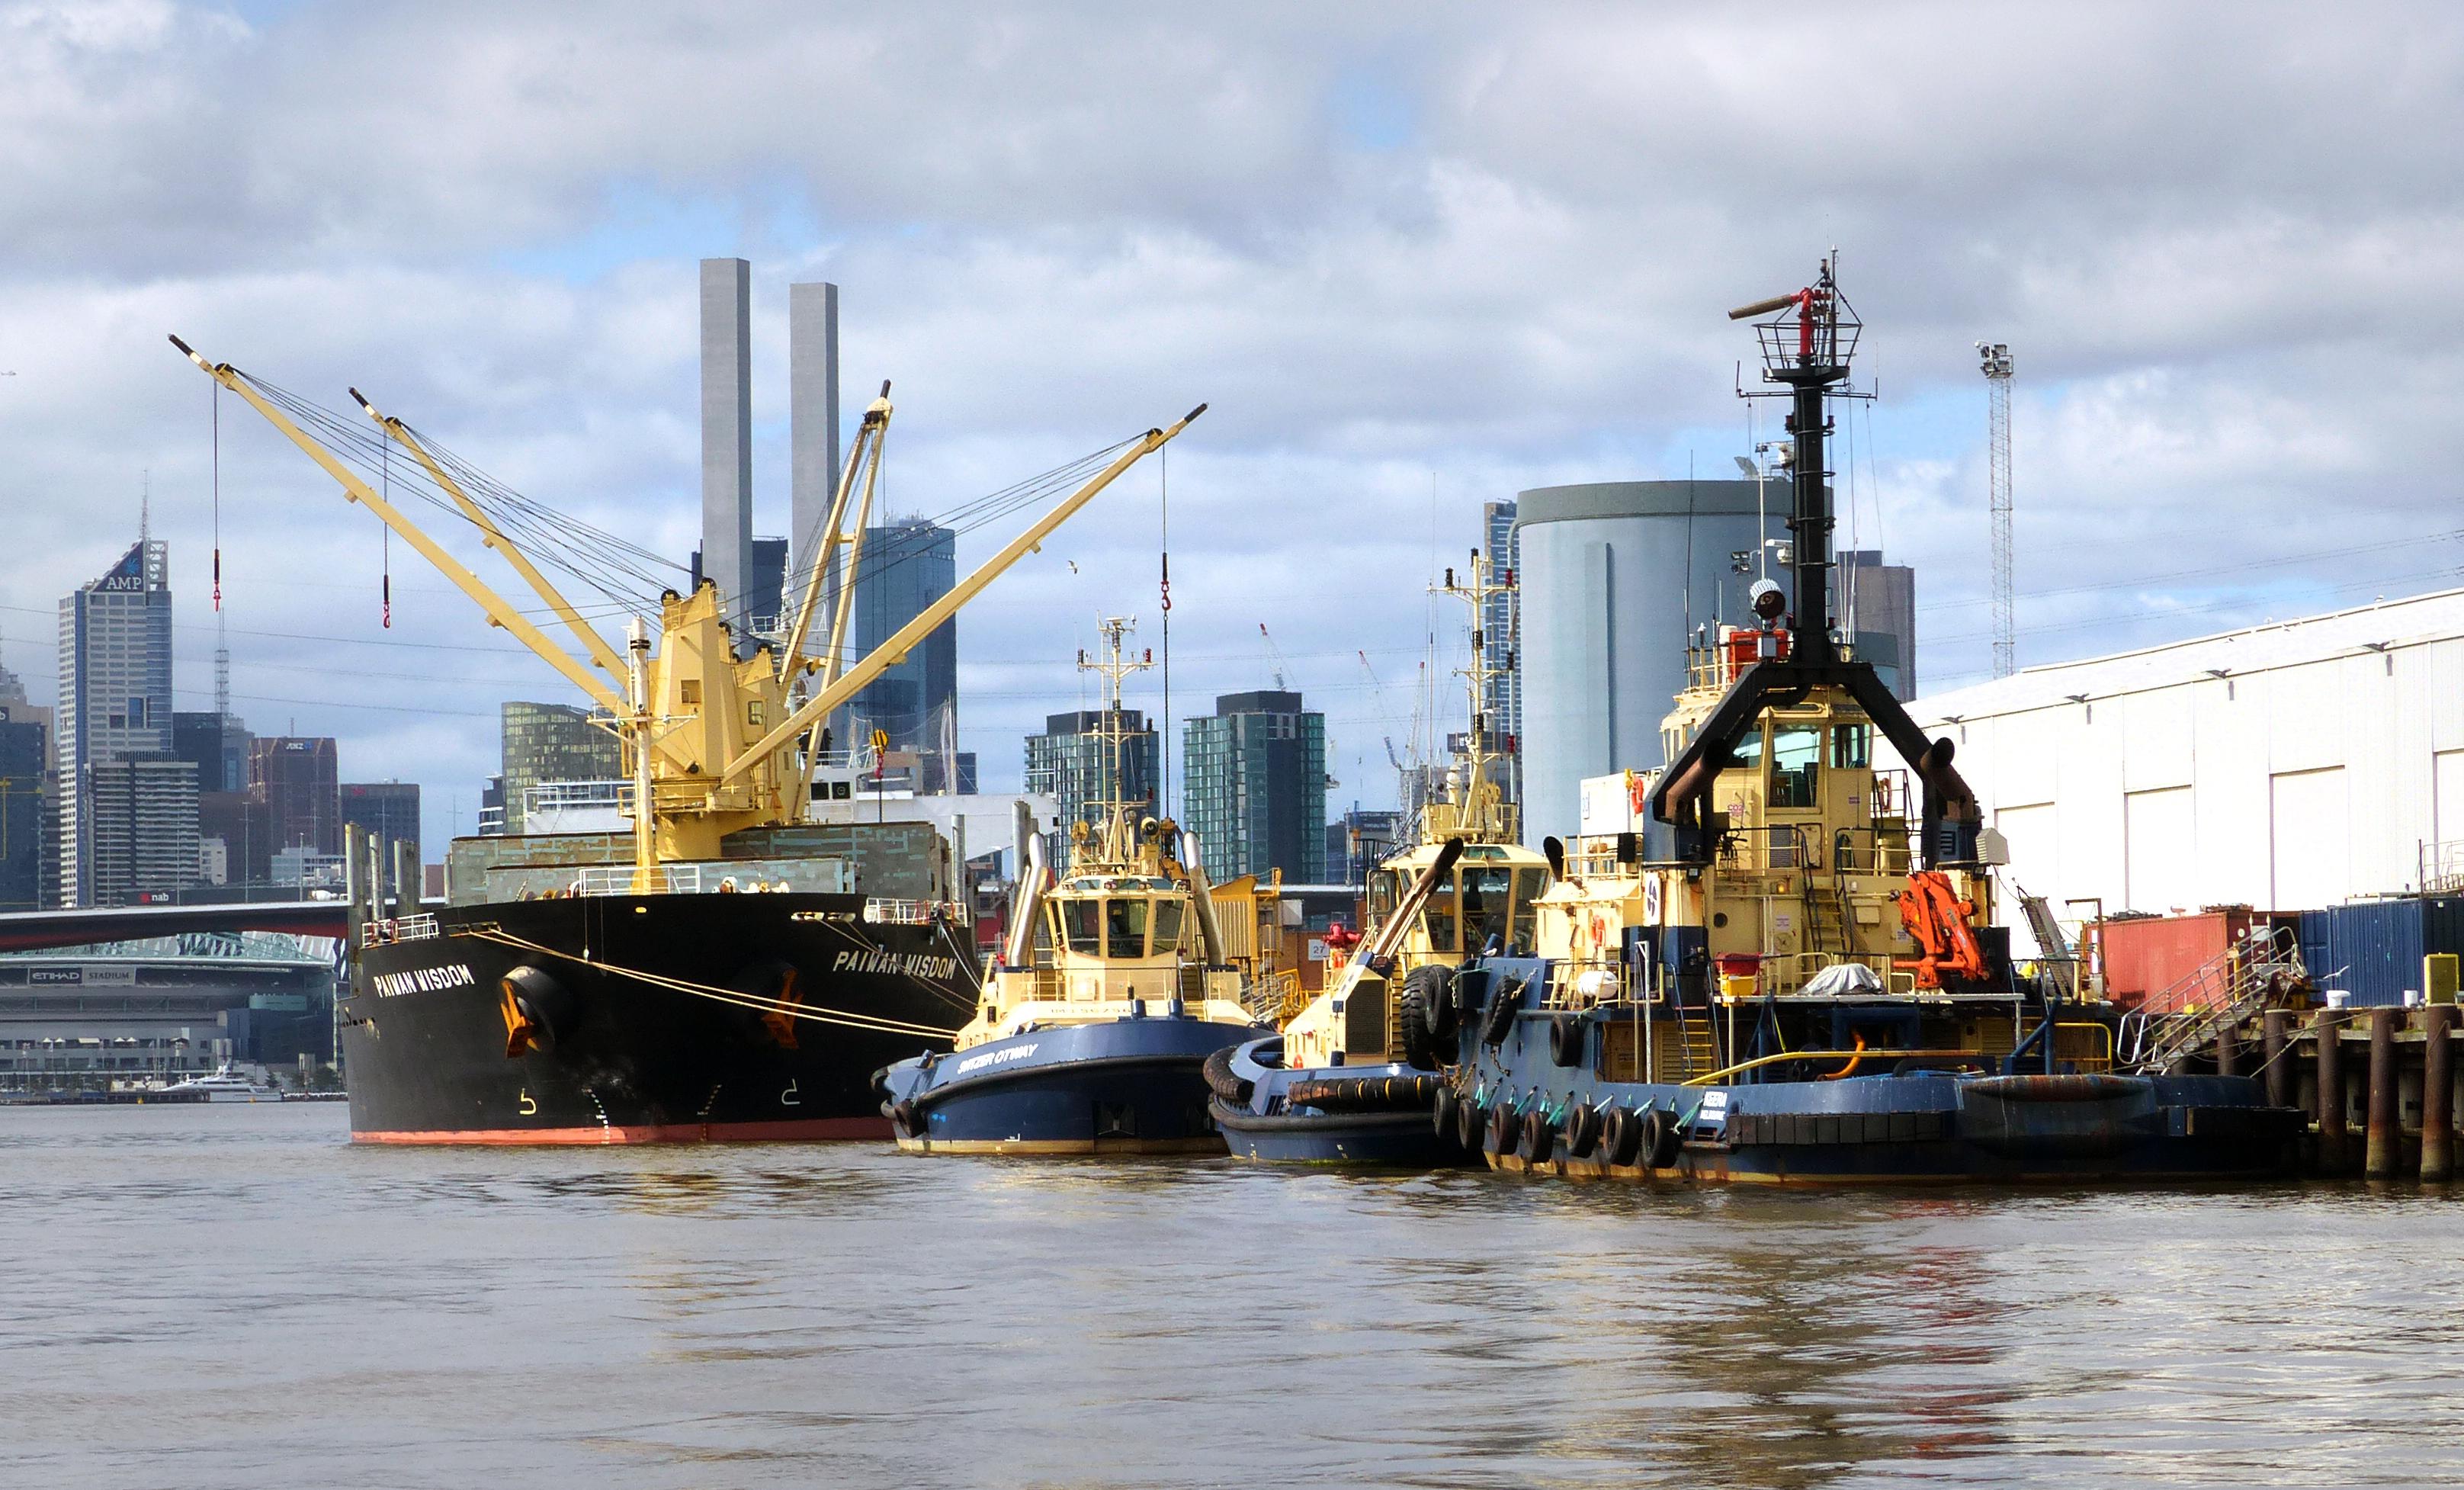 Dockside. port of melbourne. photo